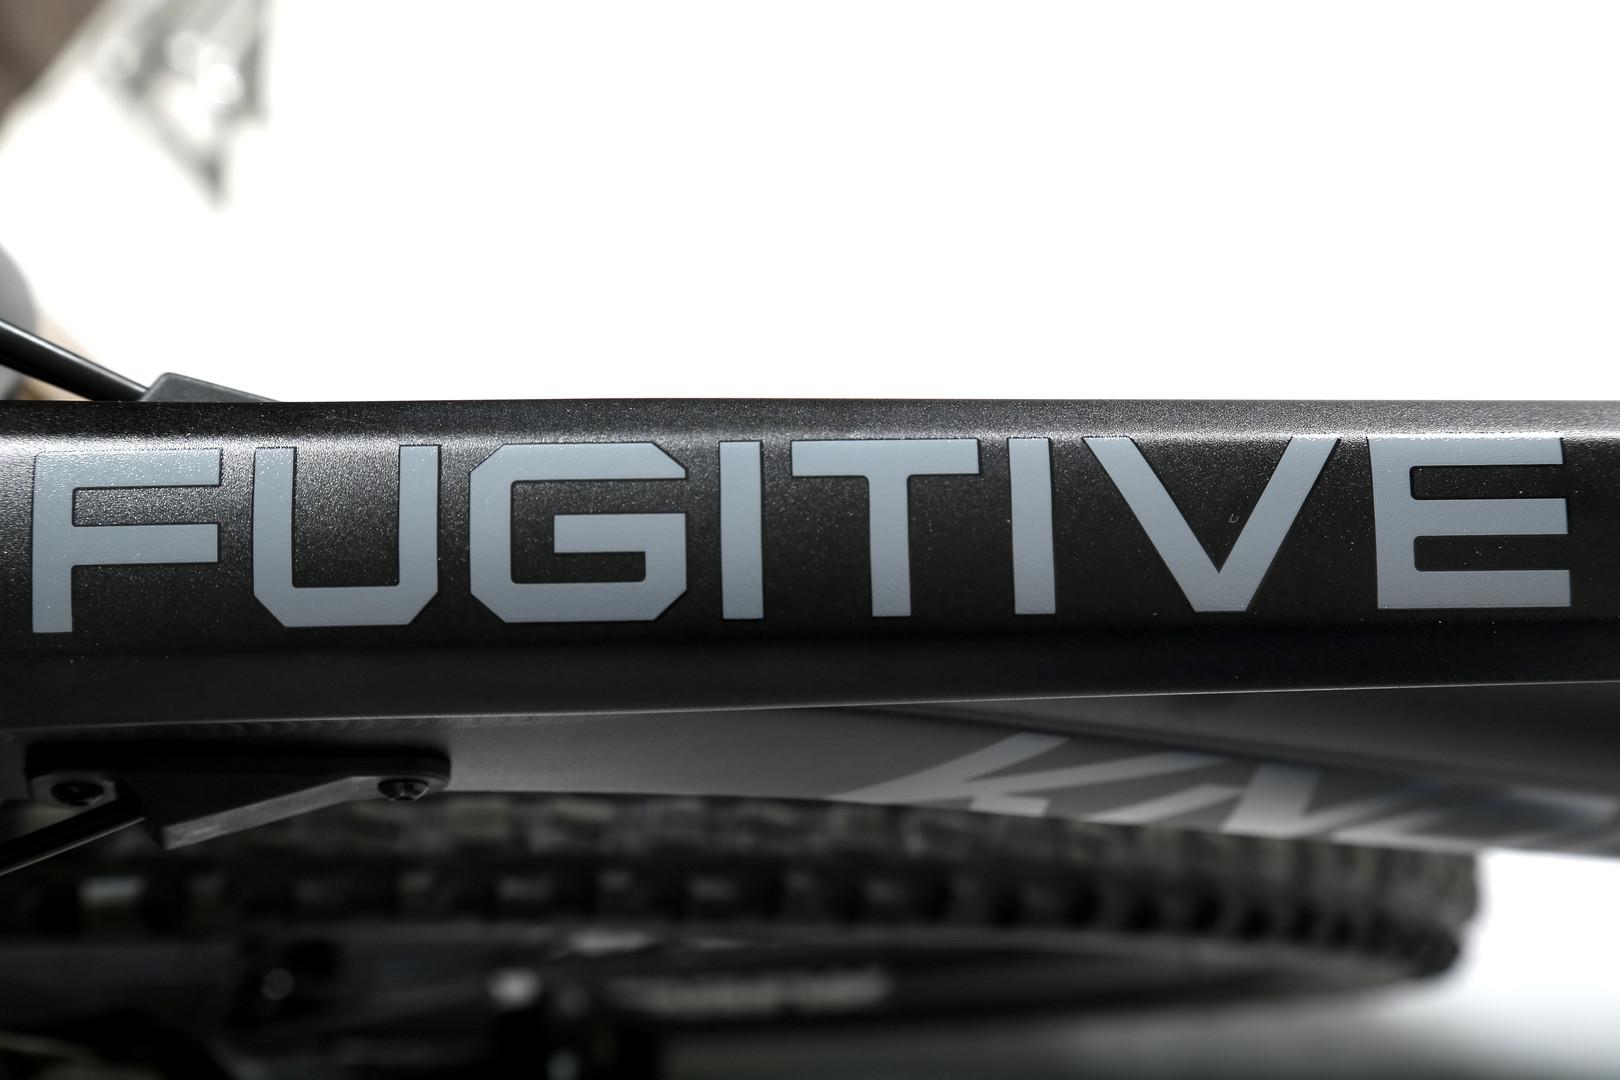 Fugitive Ano Black TT View 2020-02-11.jp